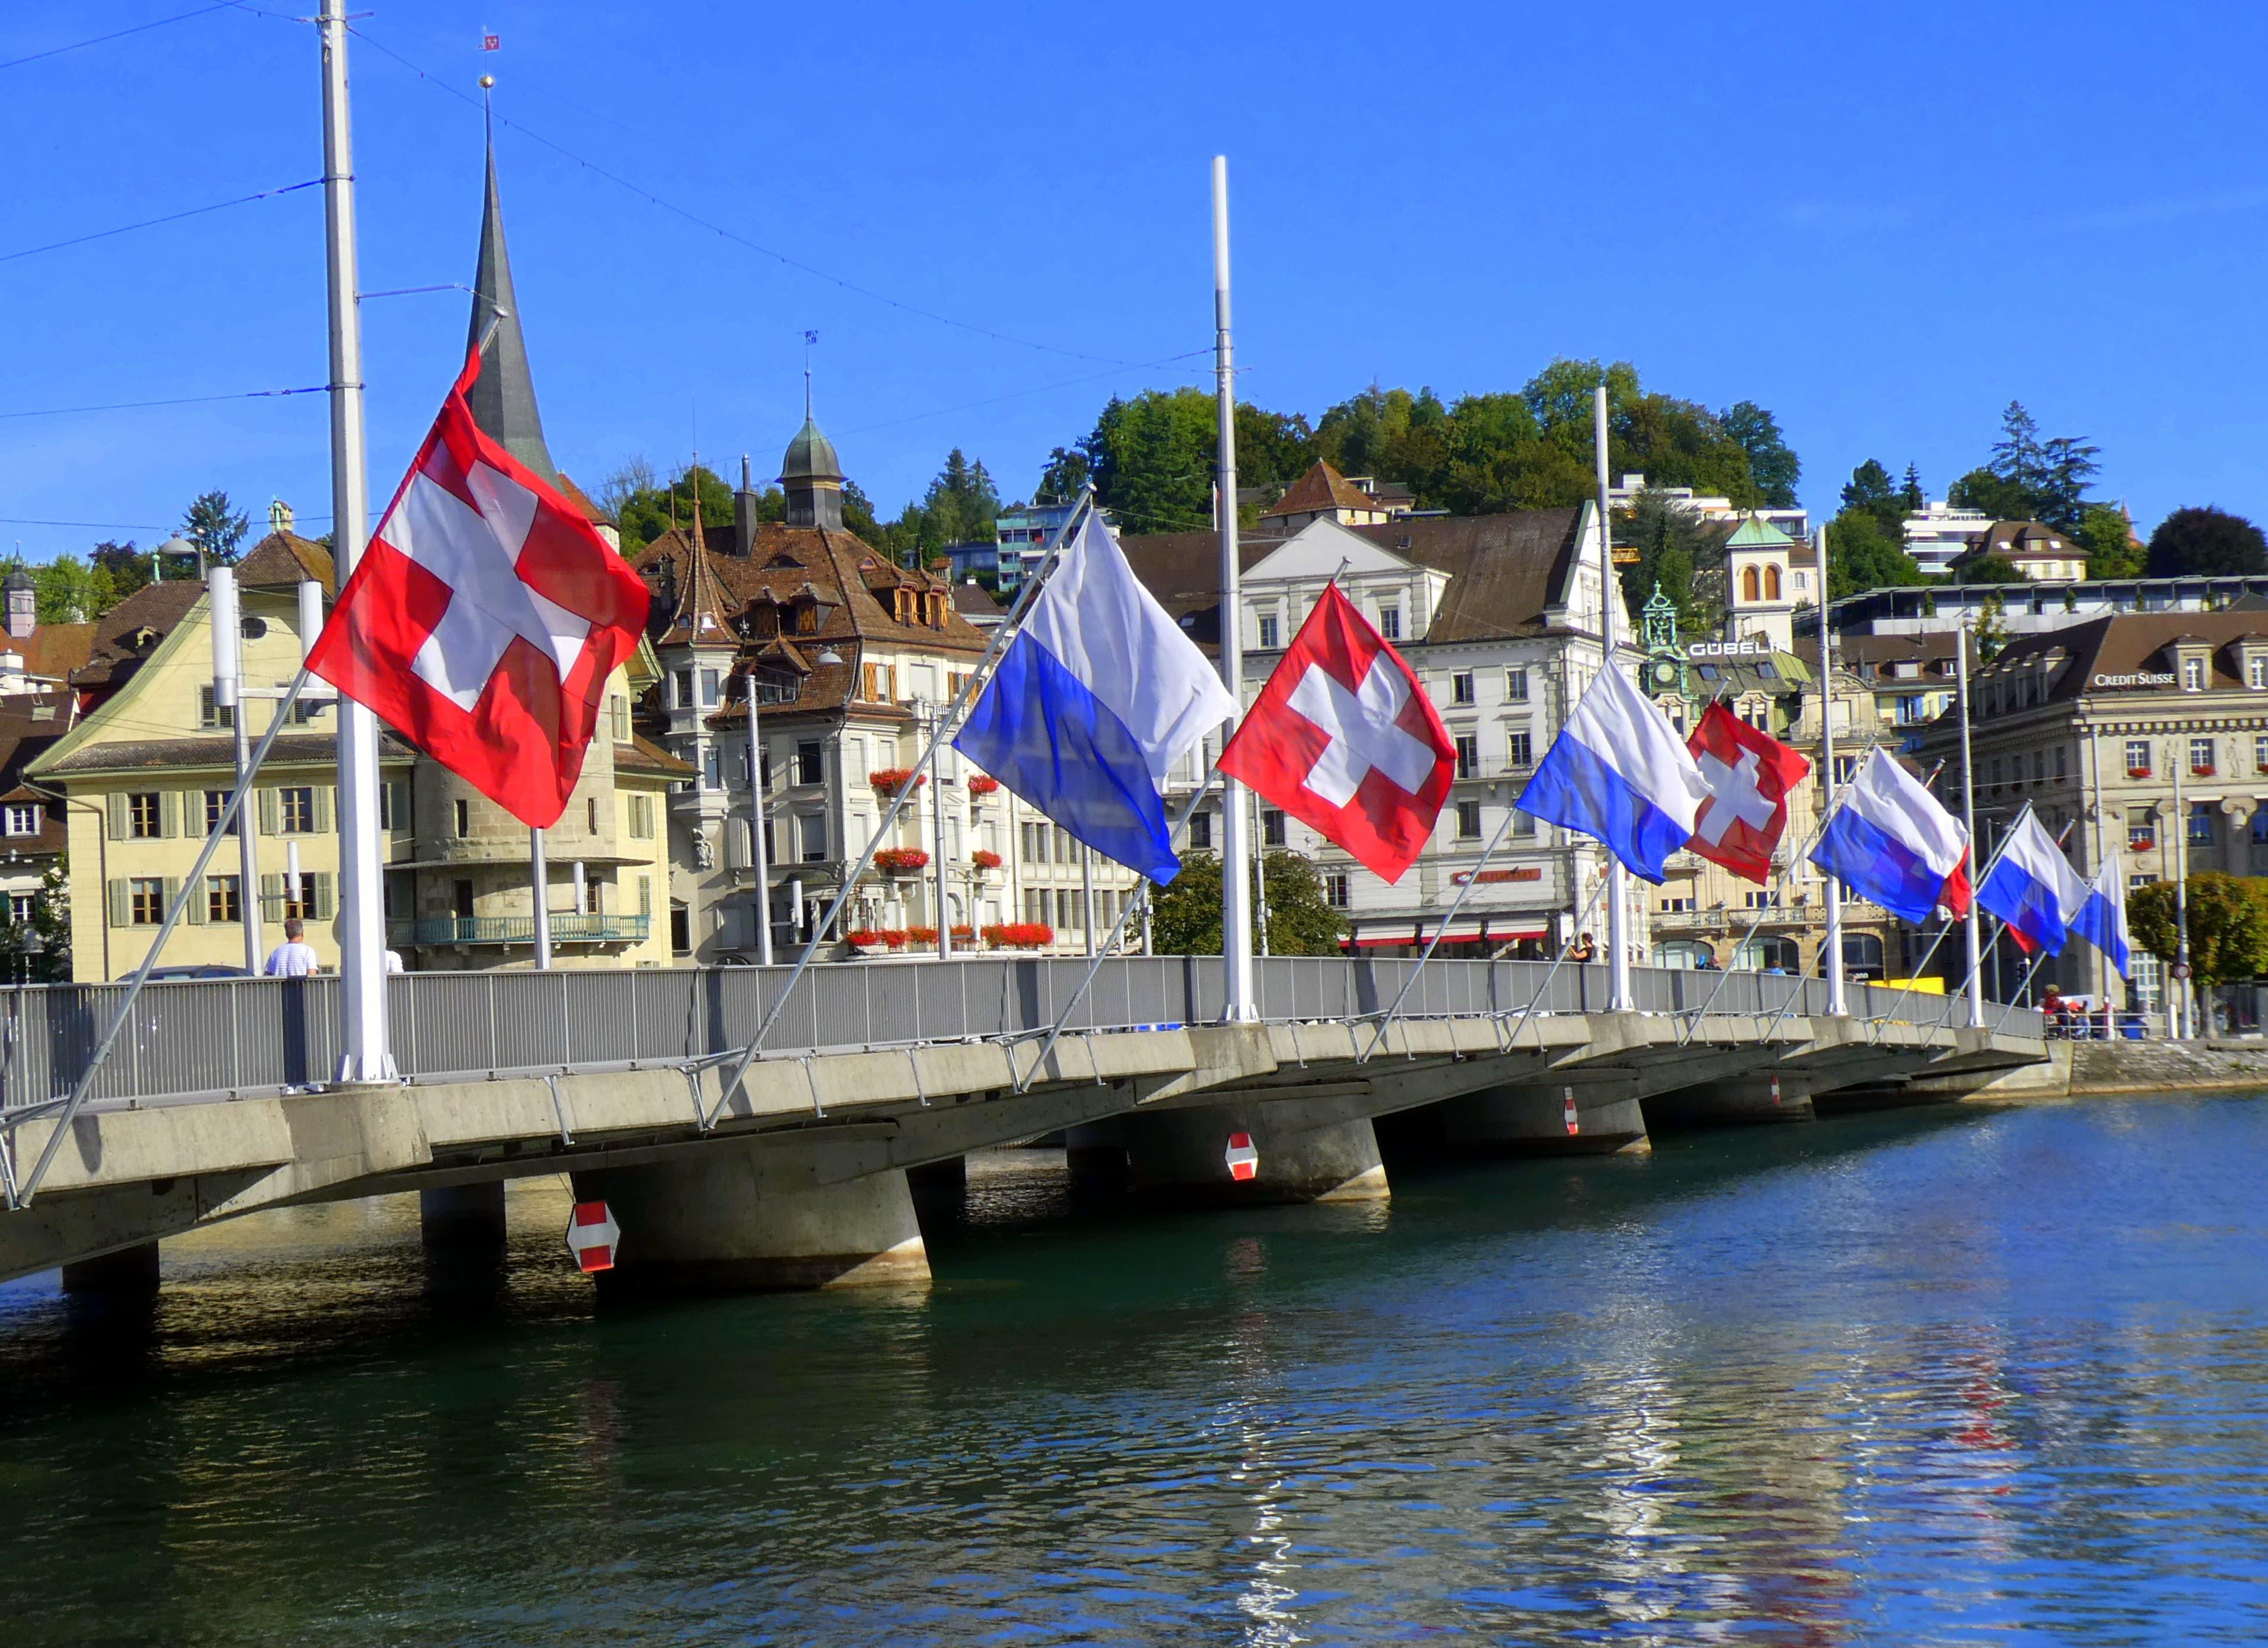 Wenn sich der Sommer langsam verabschiedet, zeigen sich die Fahnen auf der Seebrücke in ihren schönen Farben.